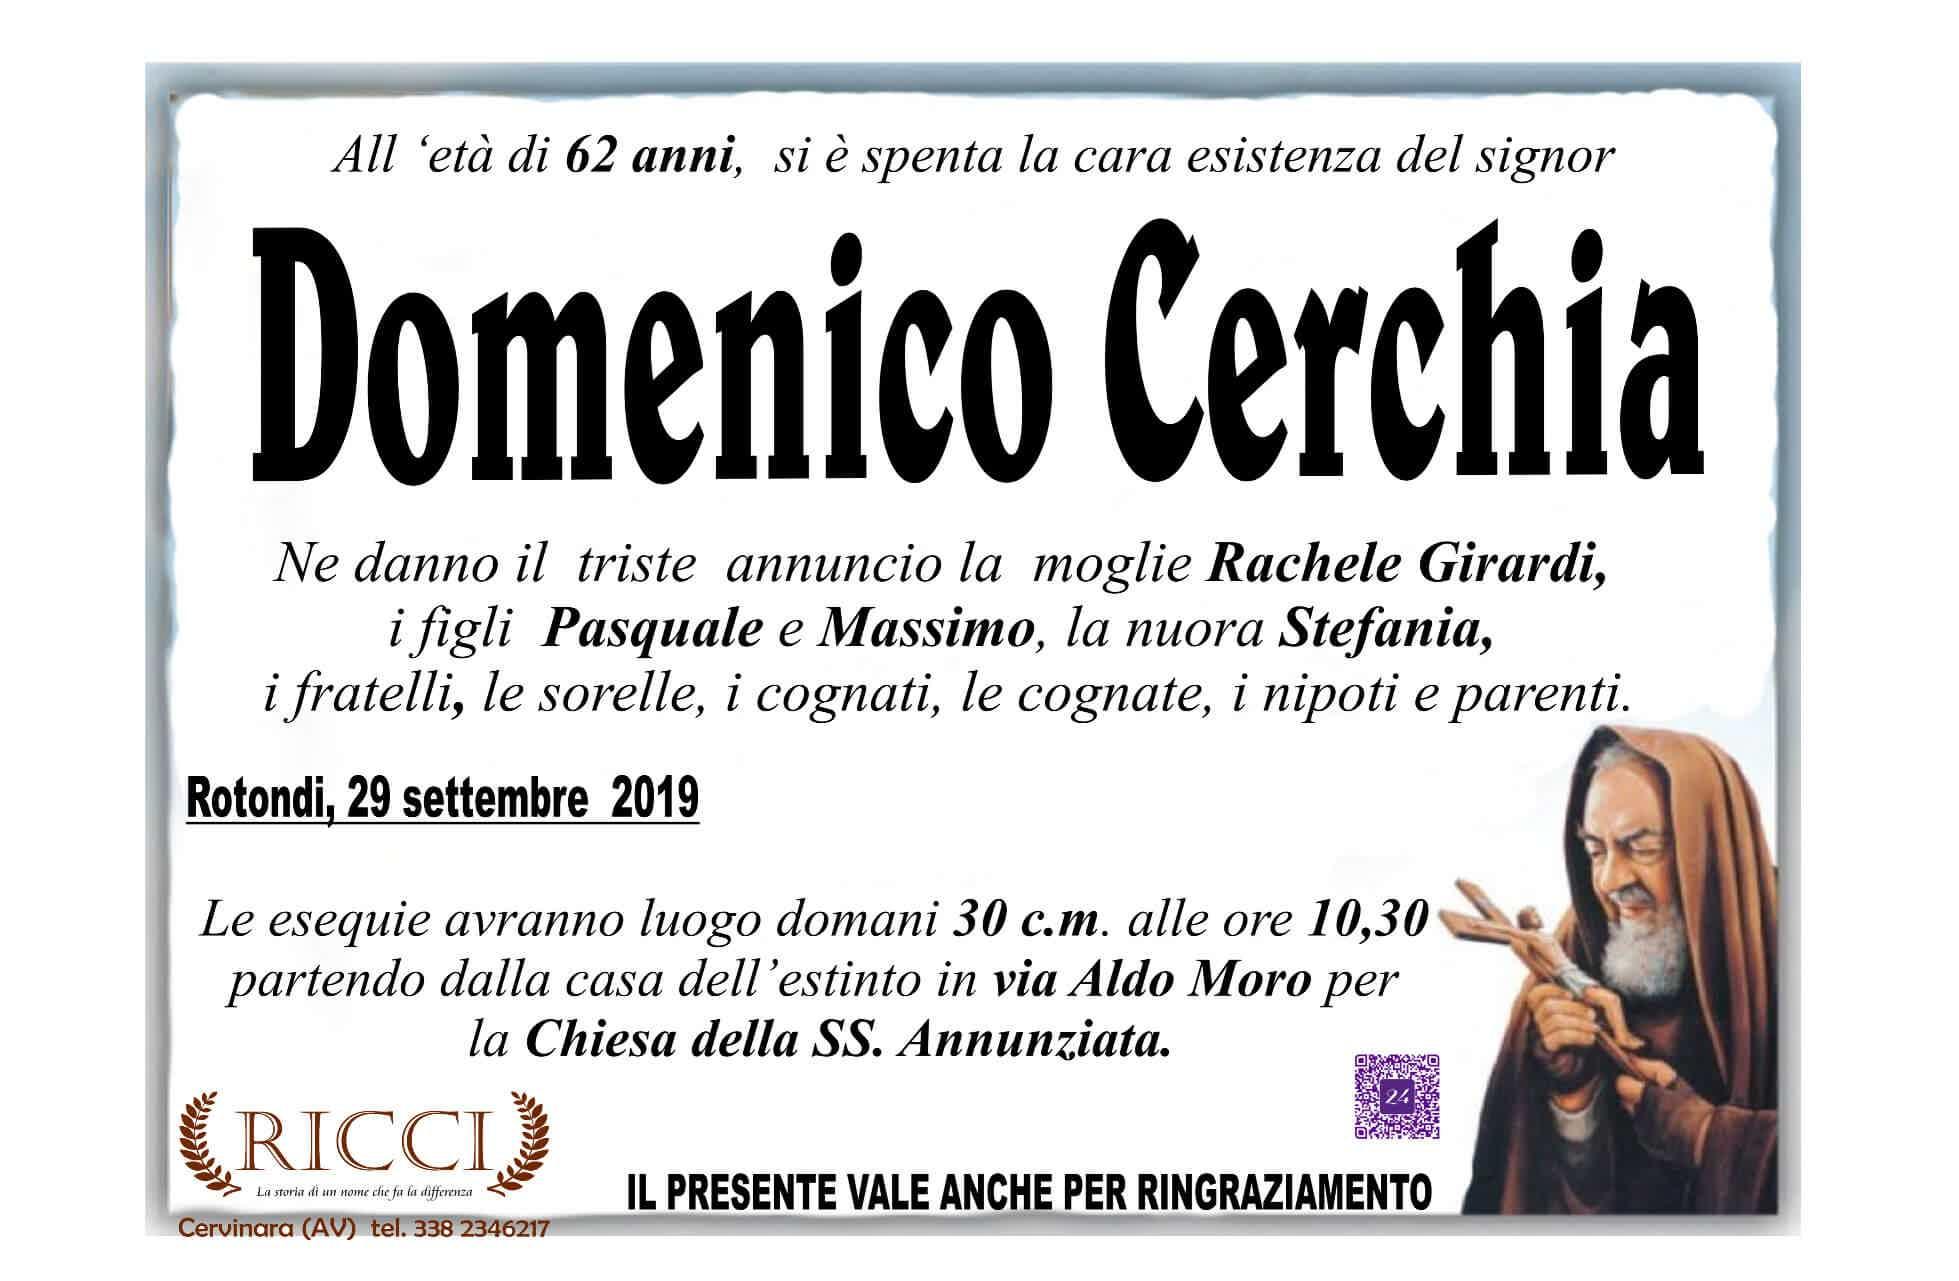 Domenico Cerchia